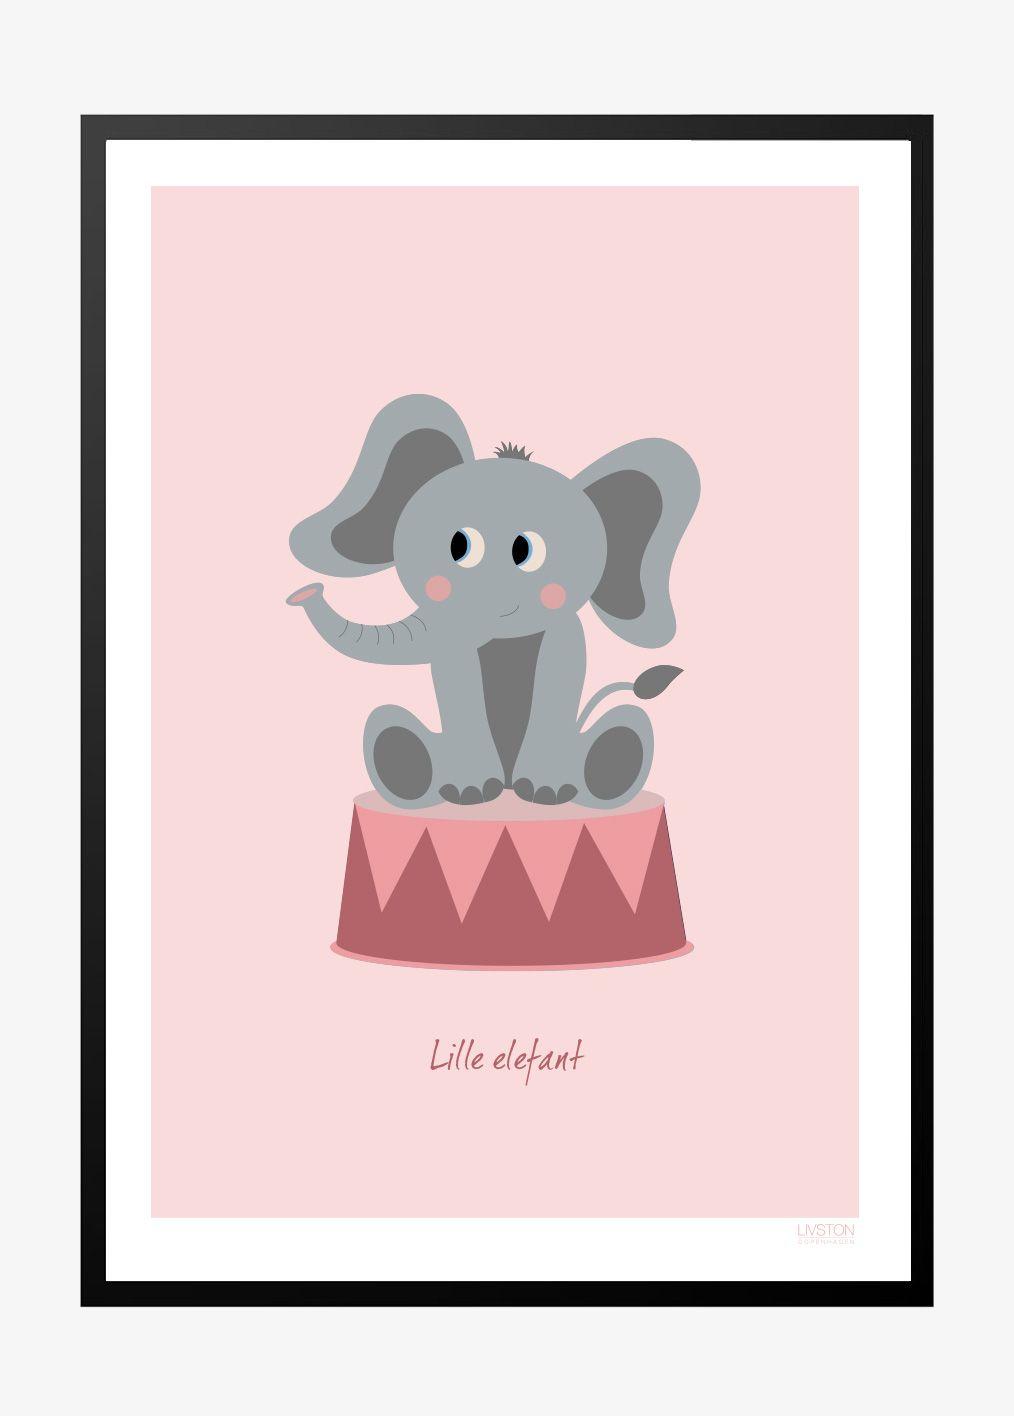 Sod Borneplakat Med Elefant Kreativ Malerier Og Plakater